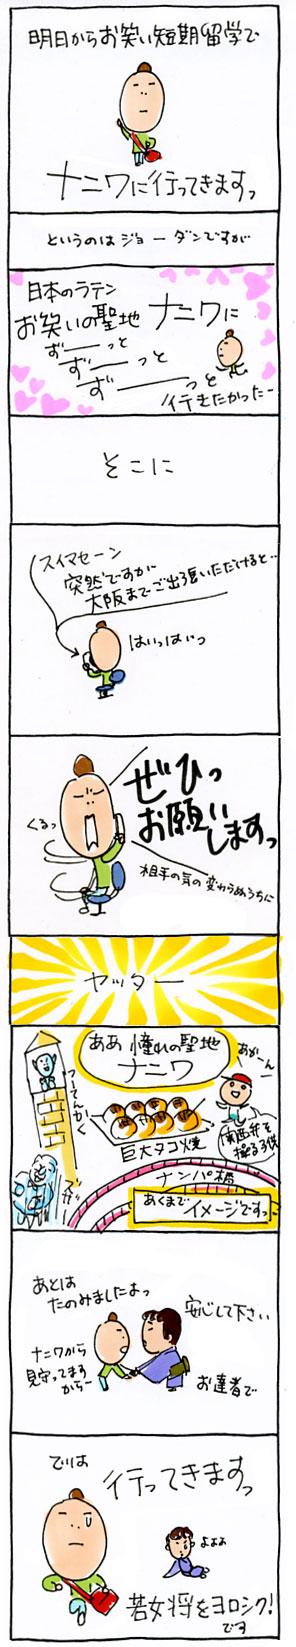 b浪速01